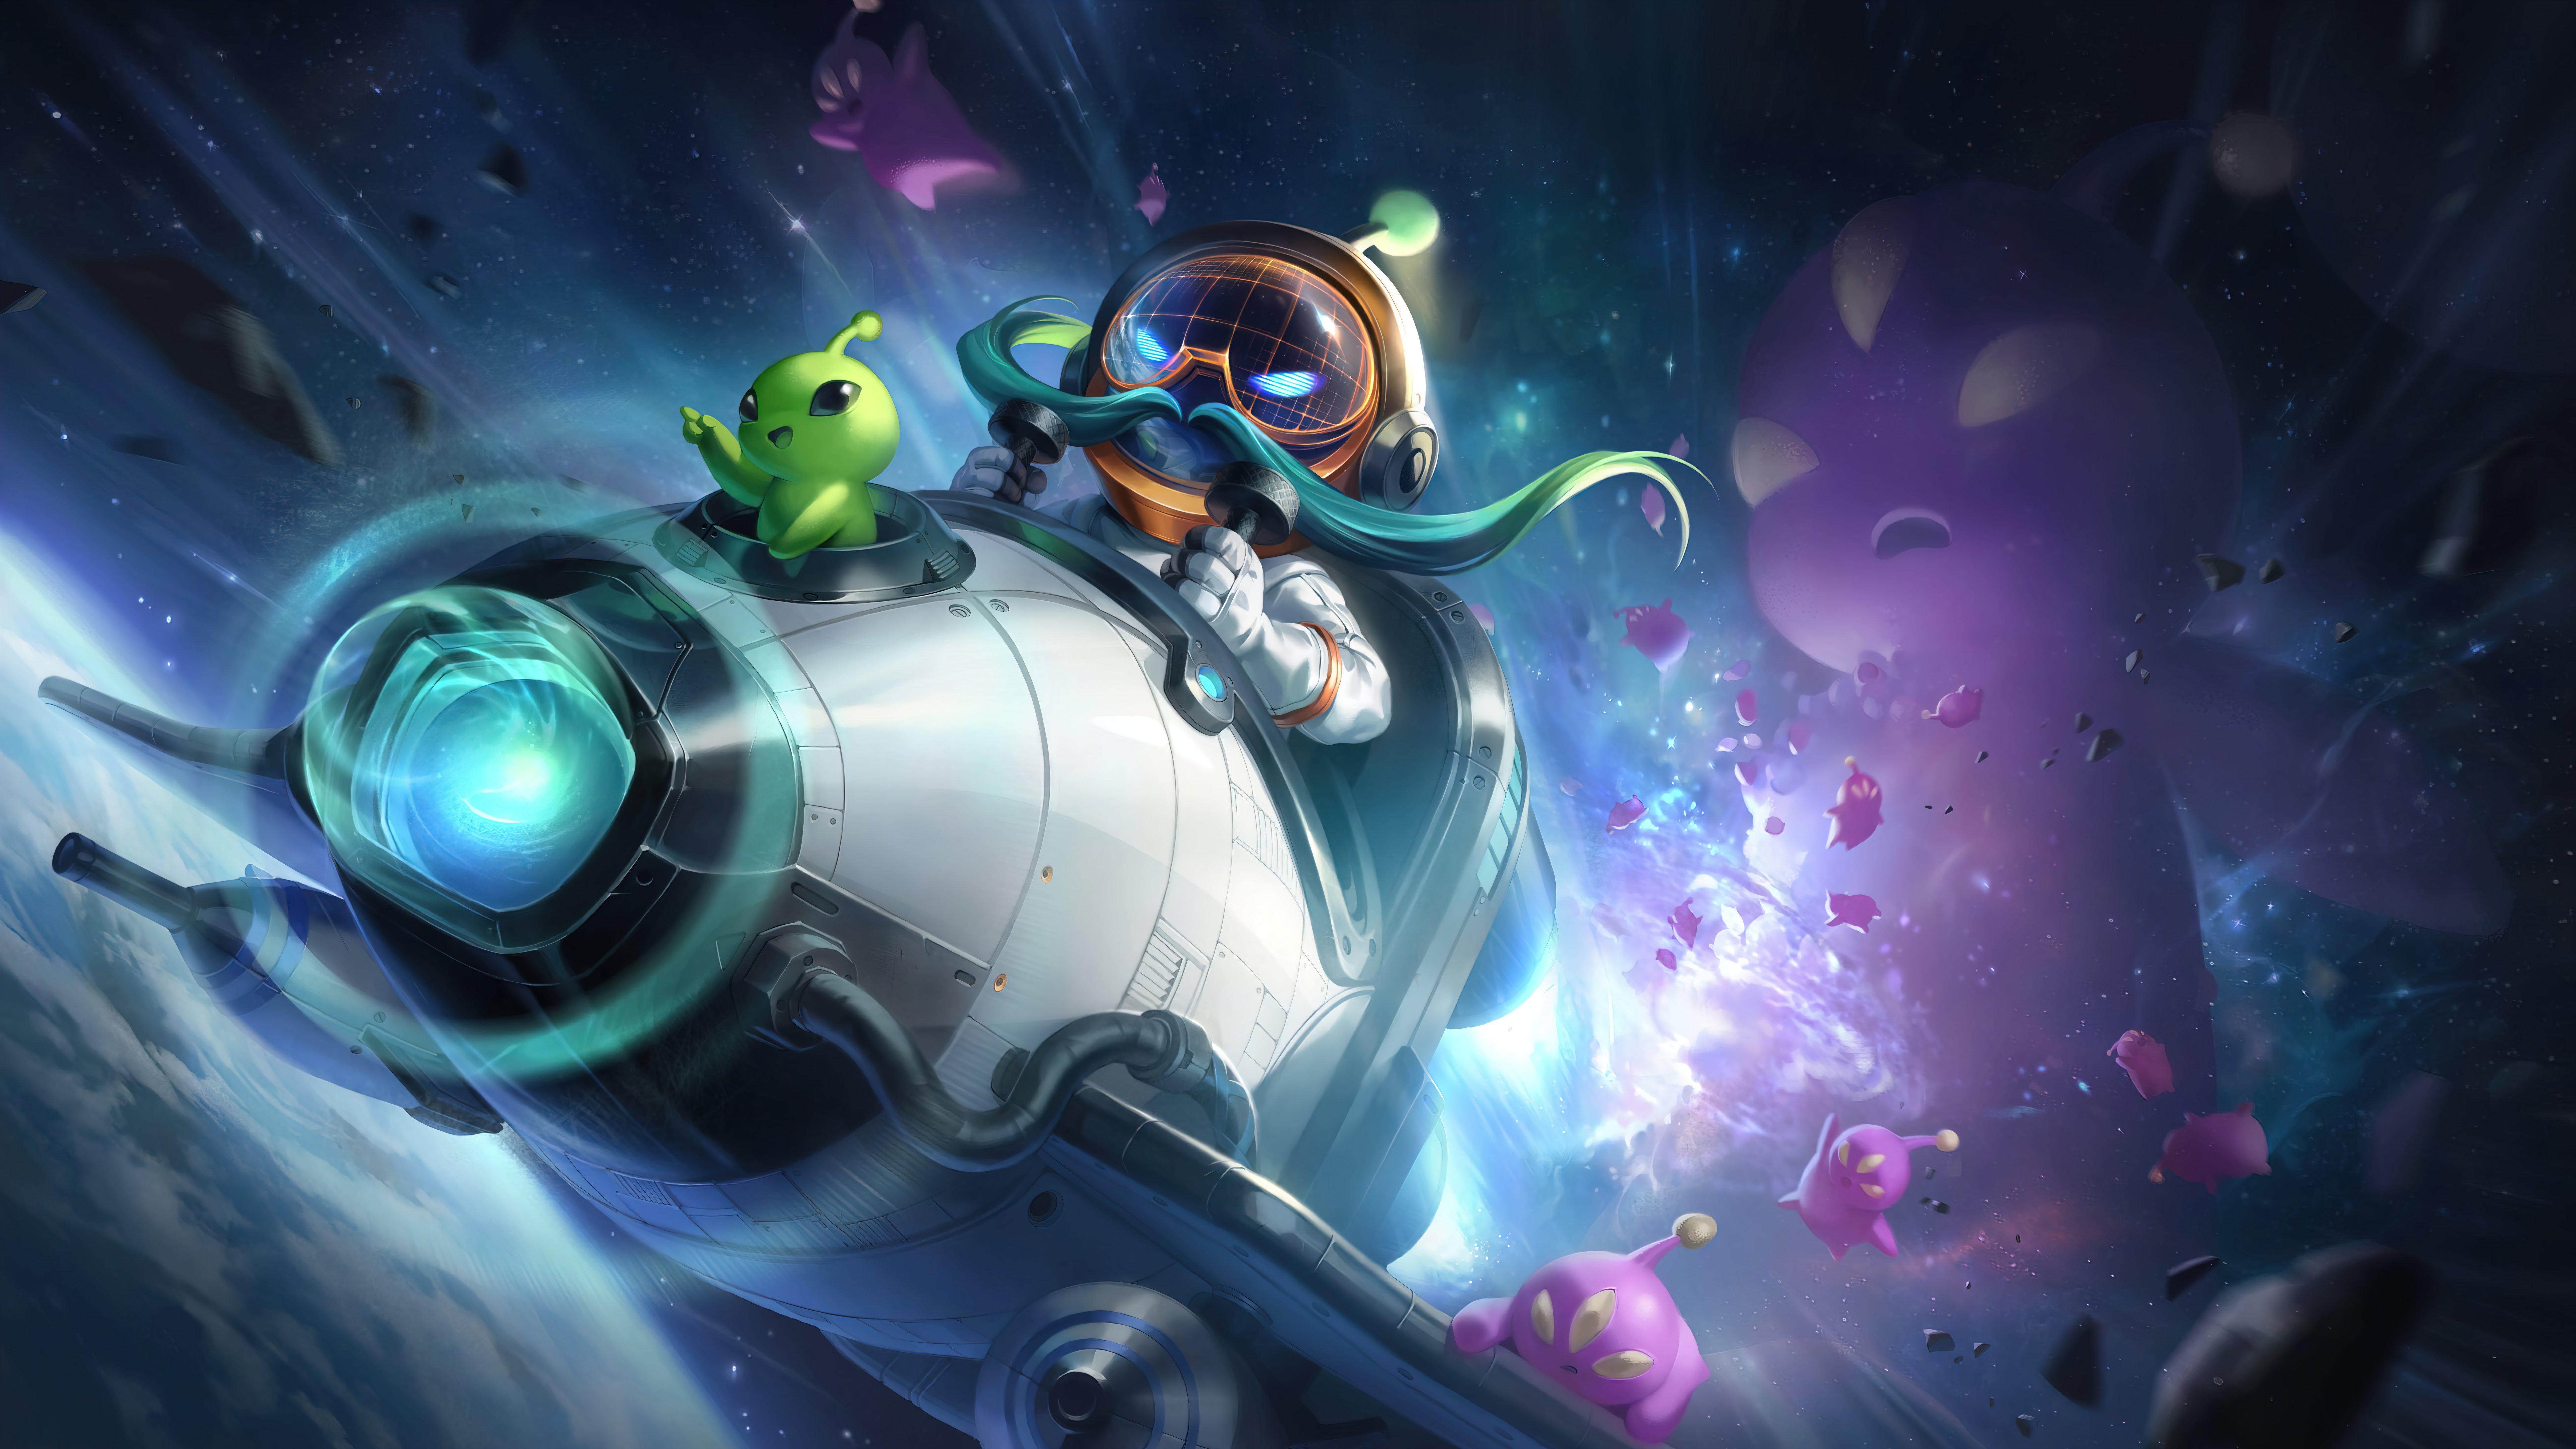 Fondos de pantalla Astronauta Corki League of Legends Splash Art